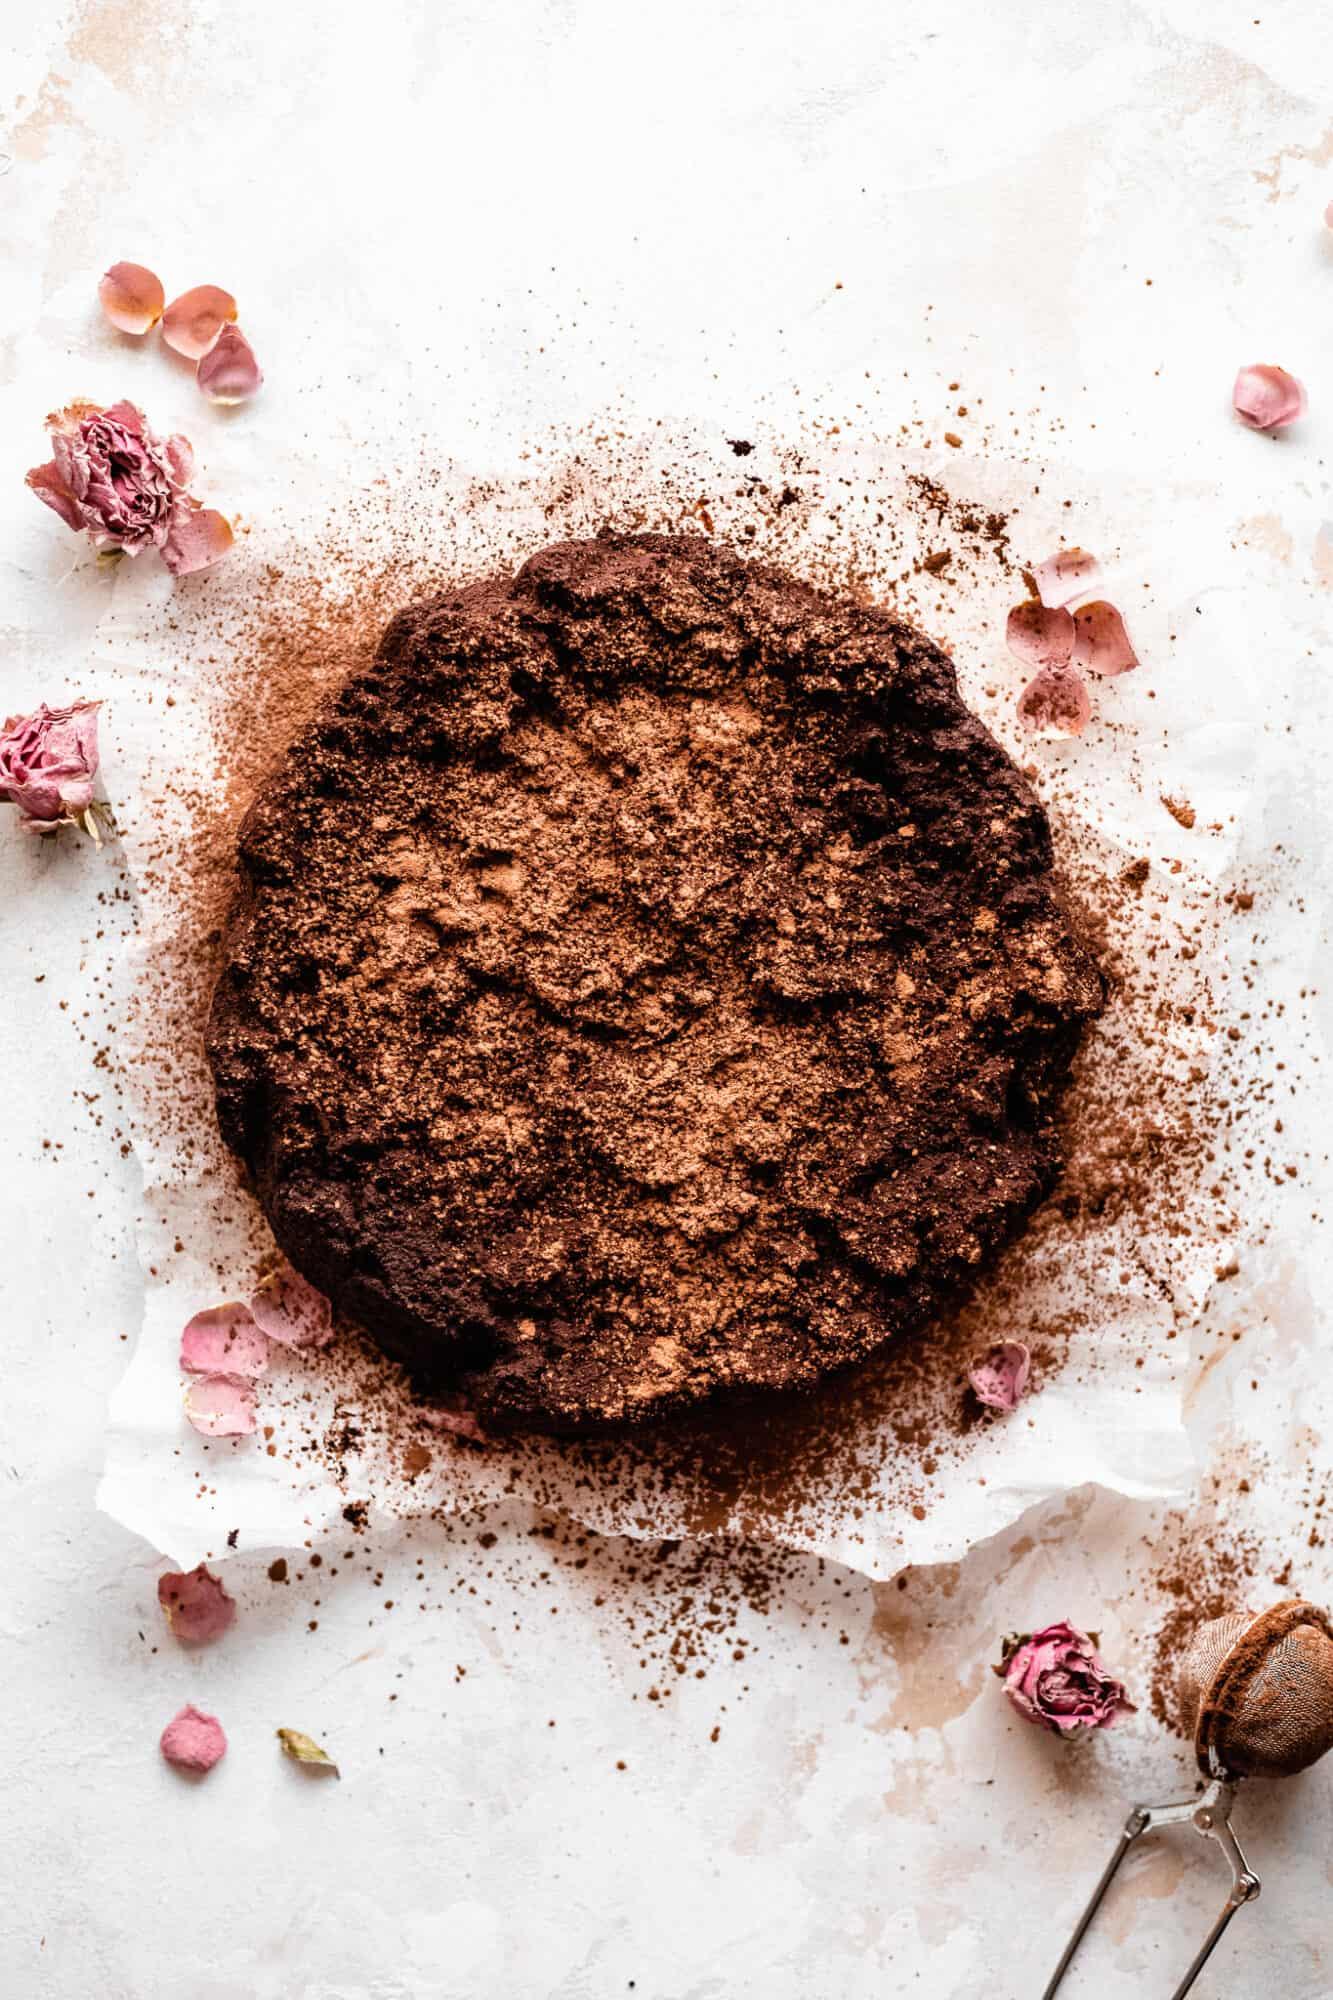 whole paleo vegan flourless chocolate cake